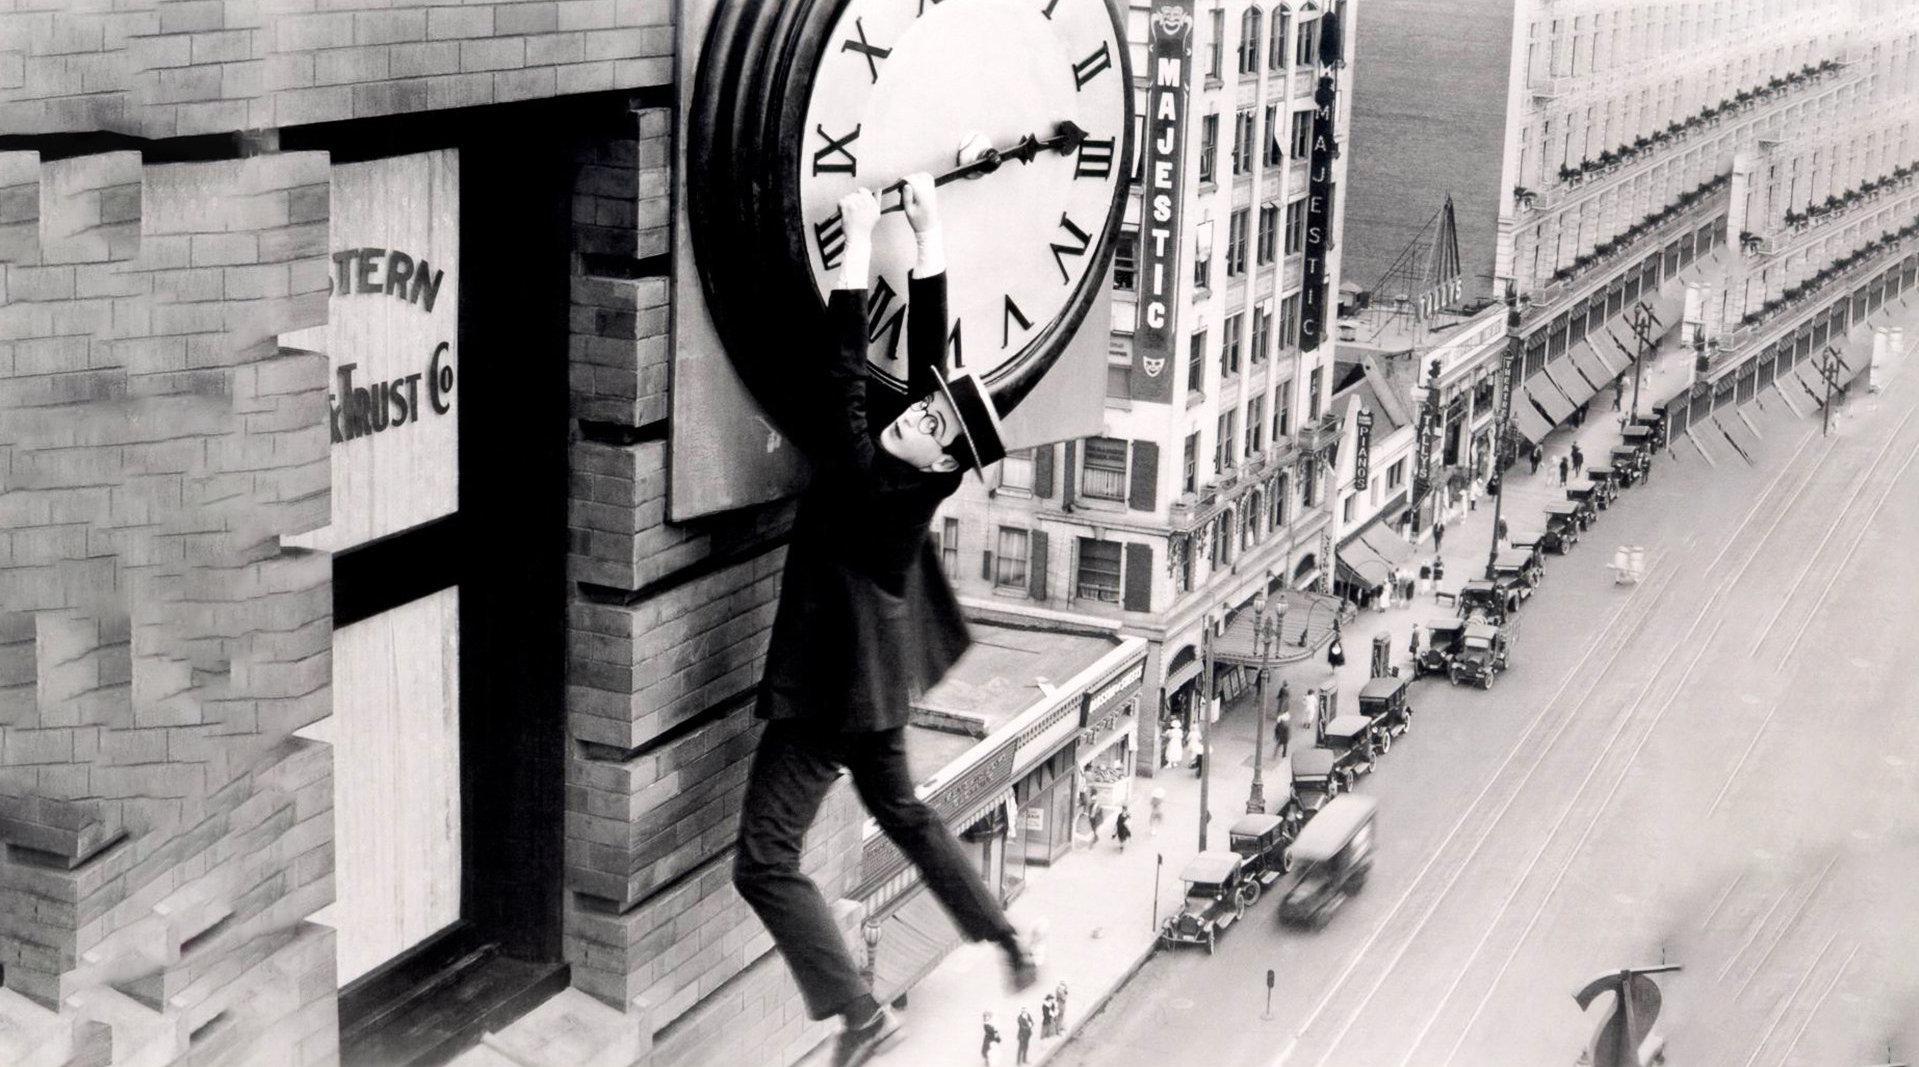 100年前的喜剧电影,你看过吗?这位大师的表演太震撼了